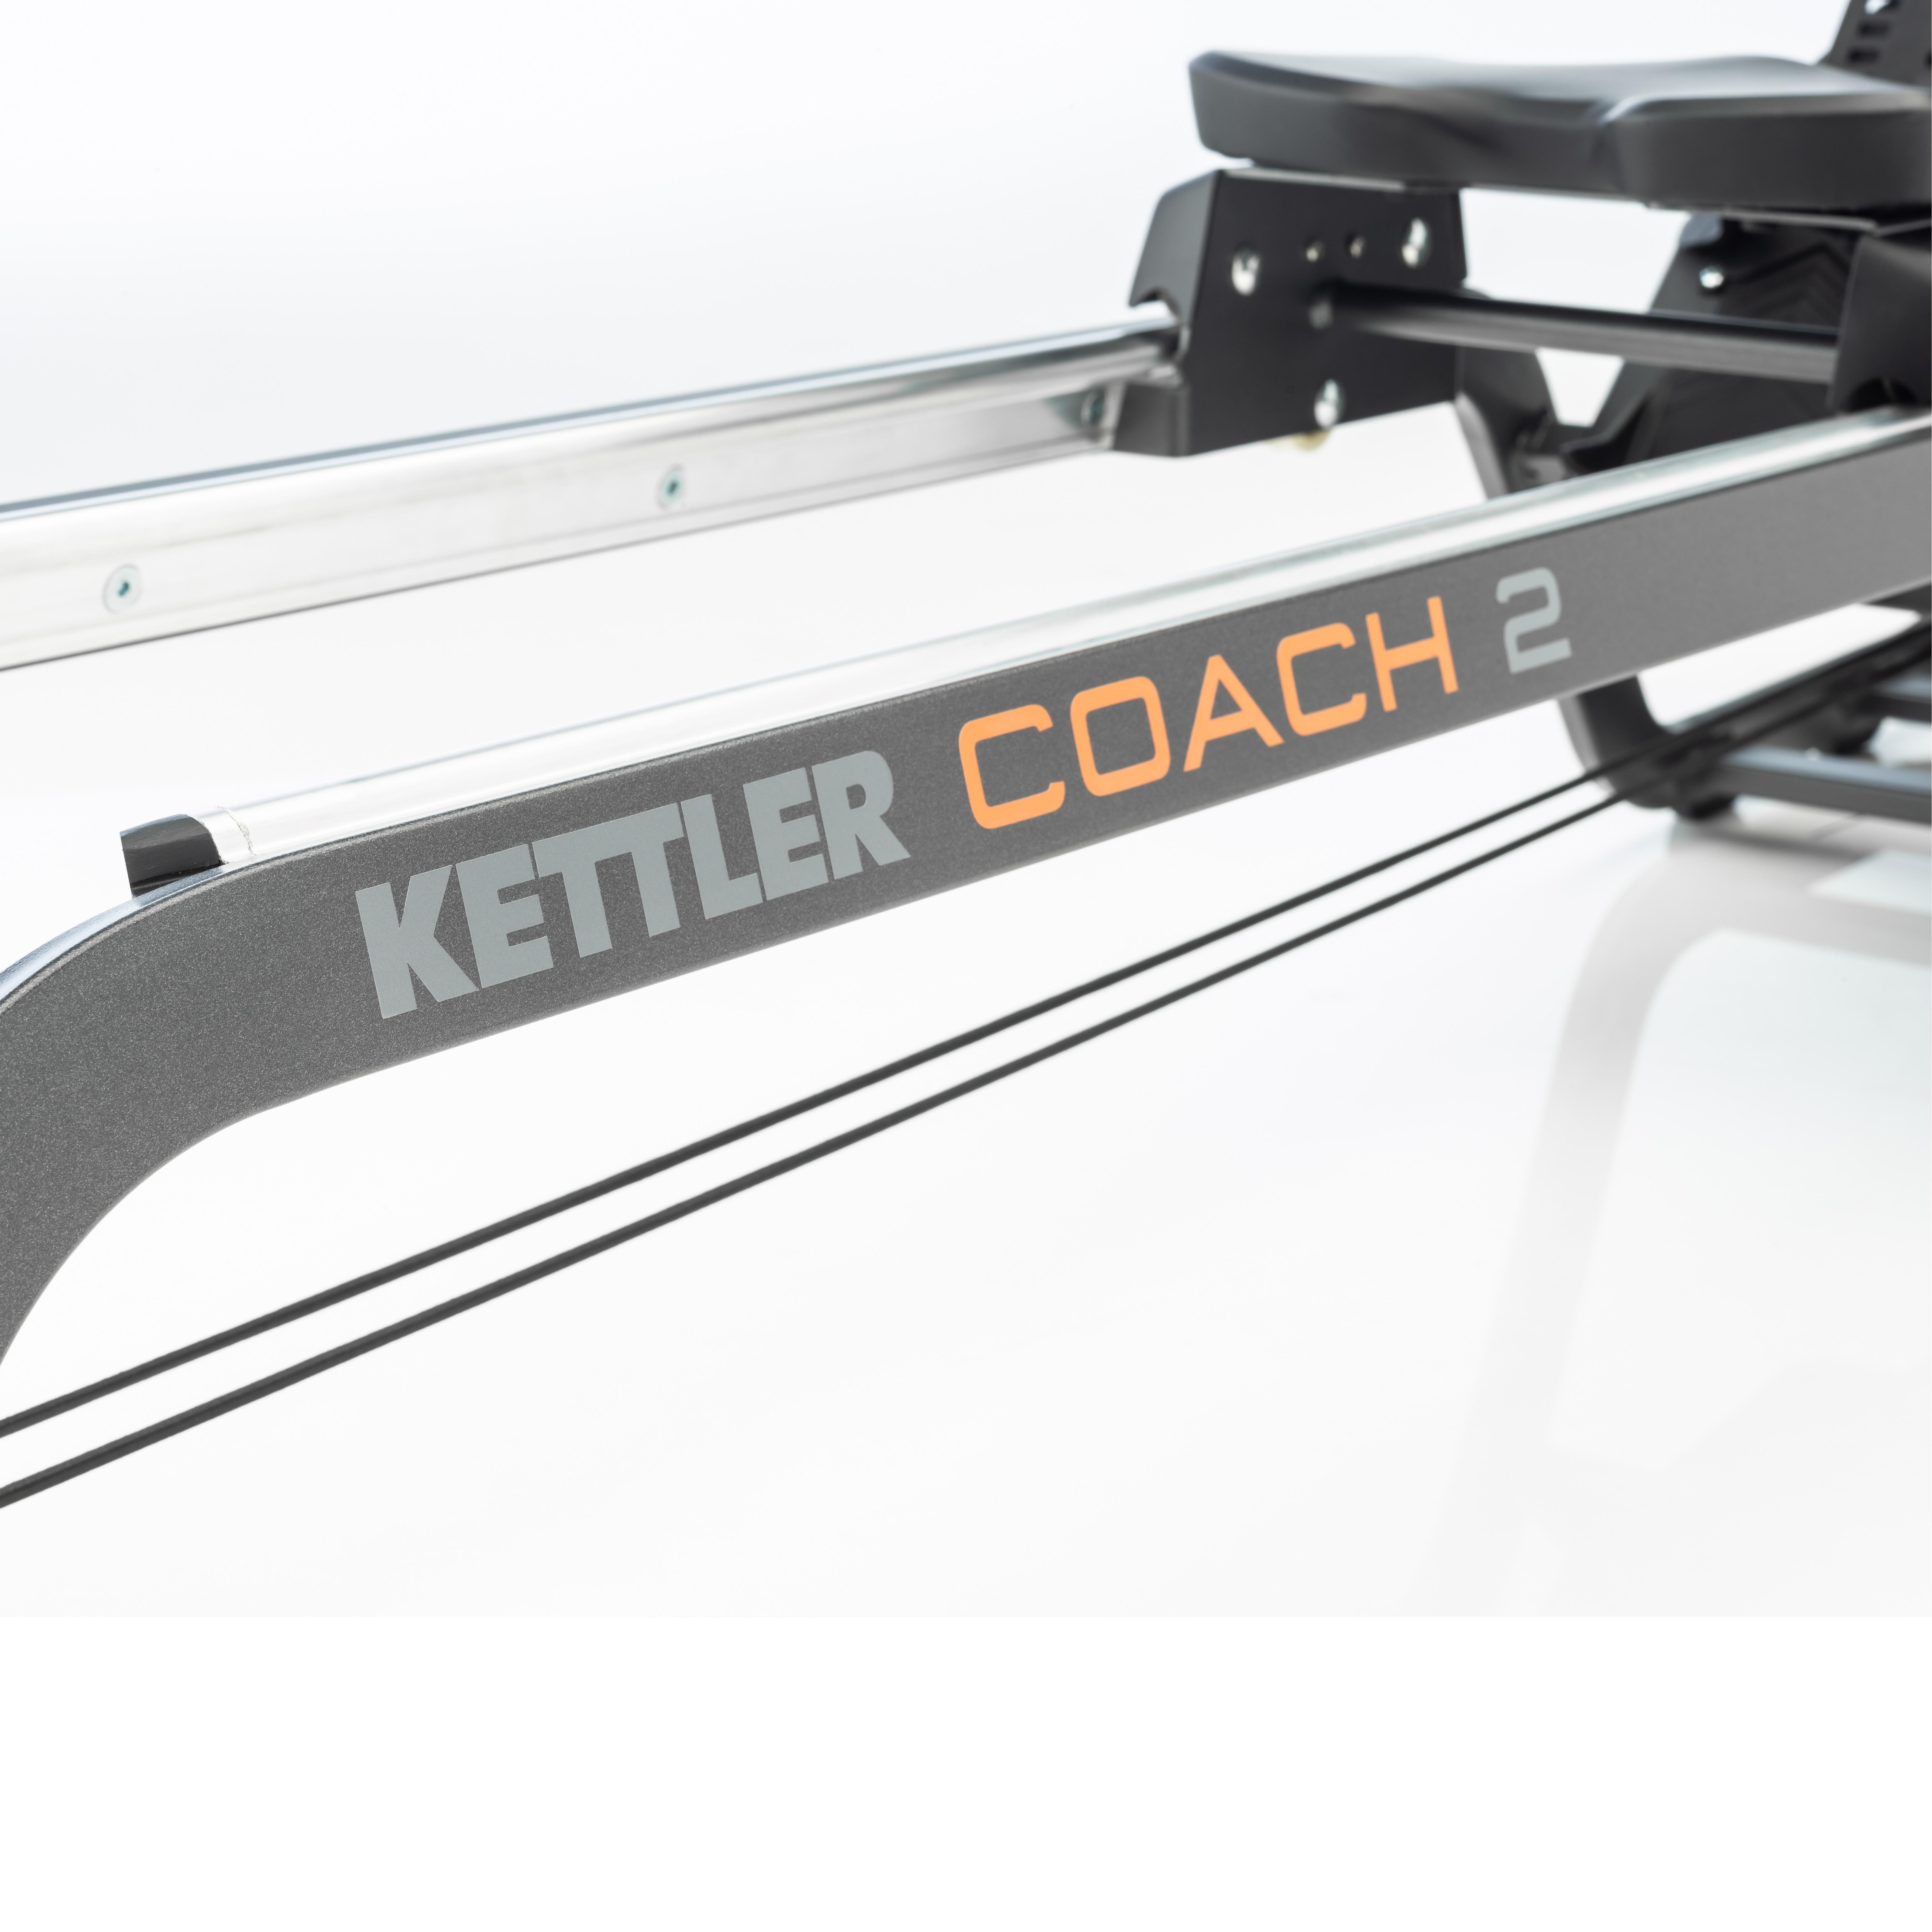 Kettler Coach 2